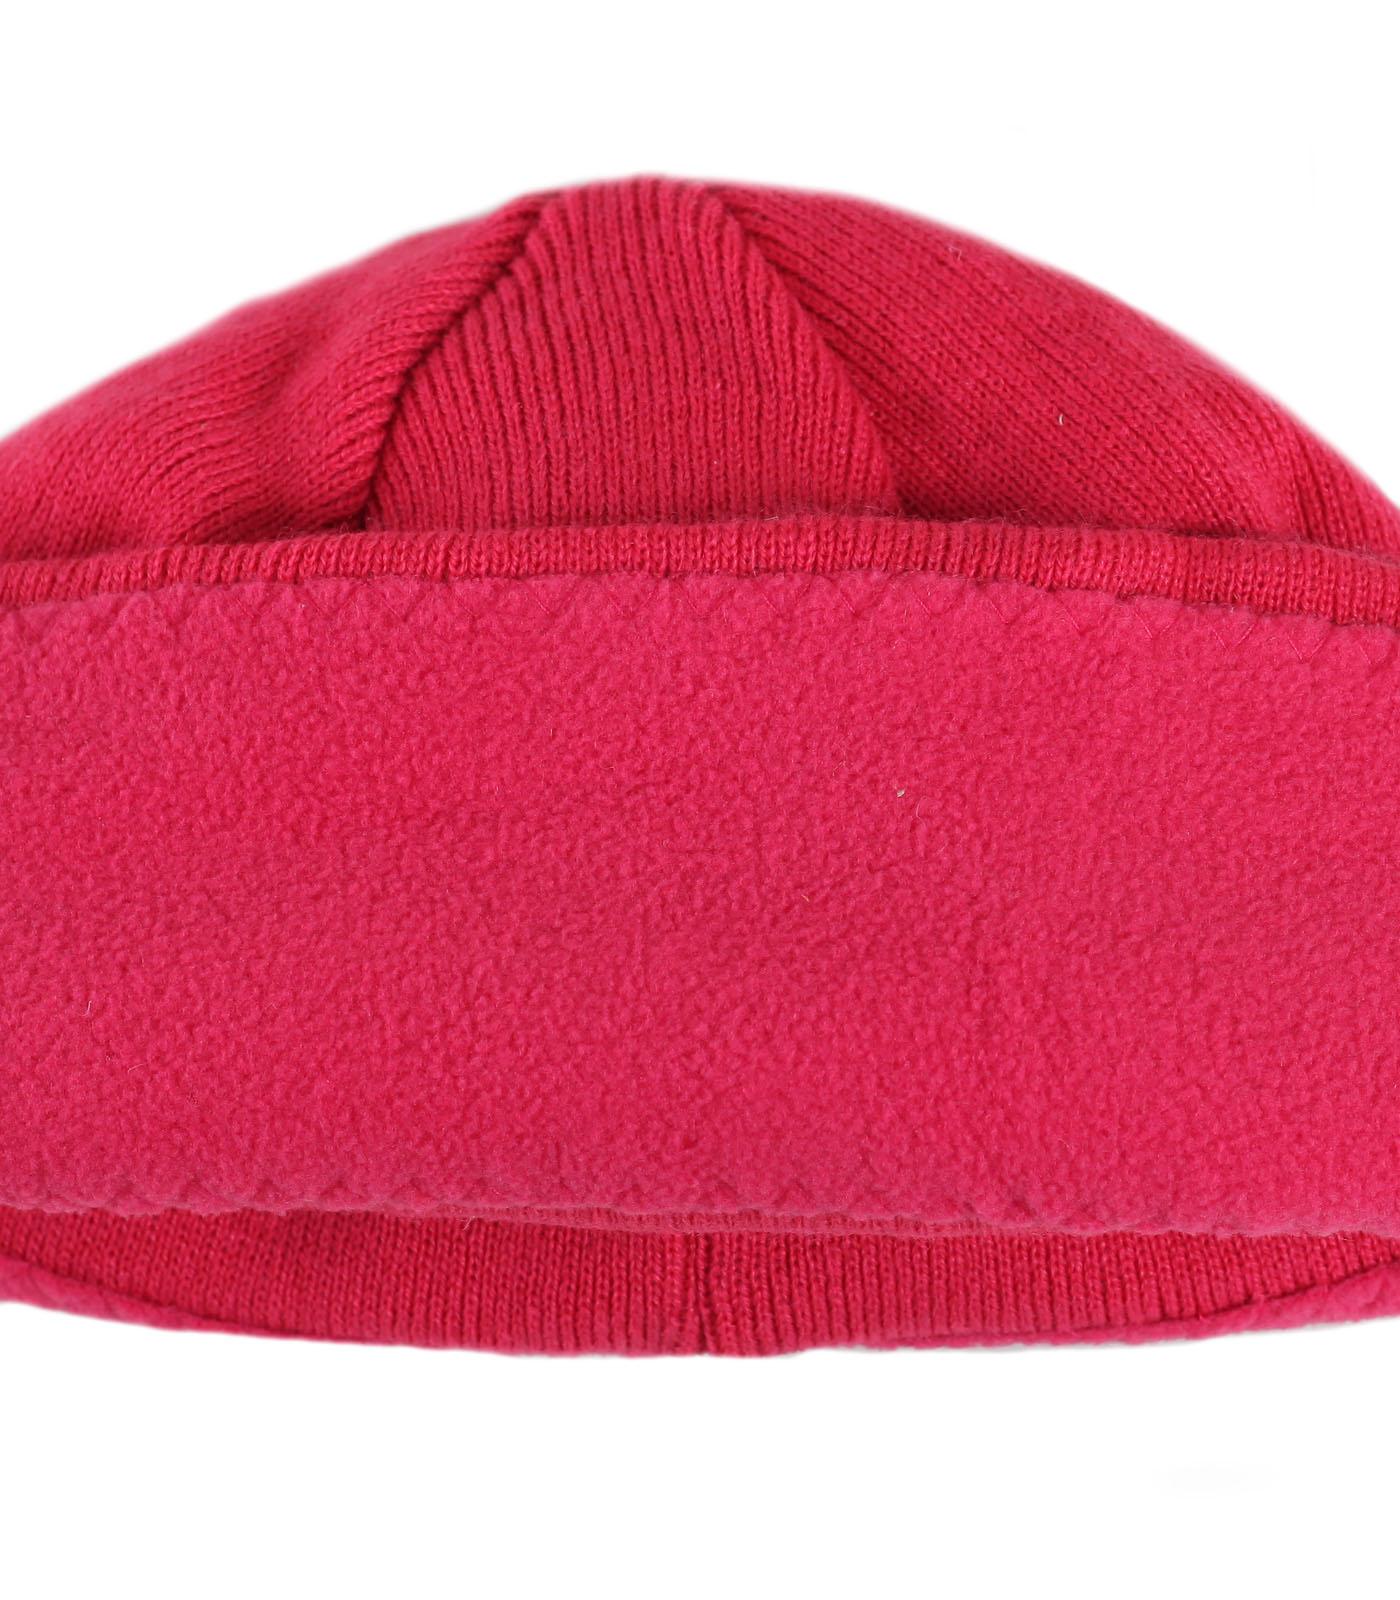 Купить милую розовую женственную зимнюю шапку бини уютную модель утепленную флисом по лучшей цене